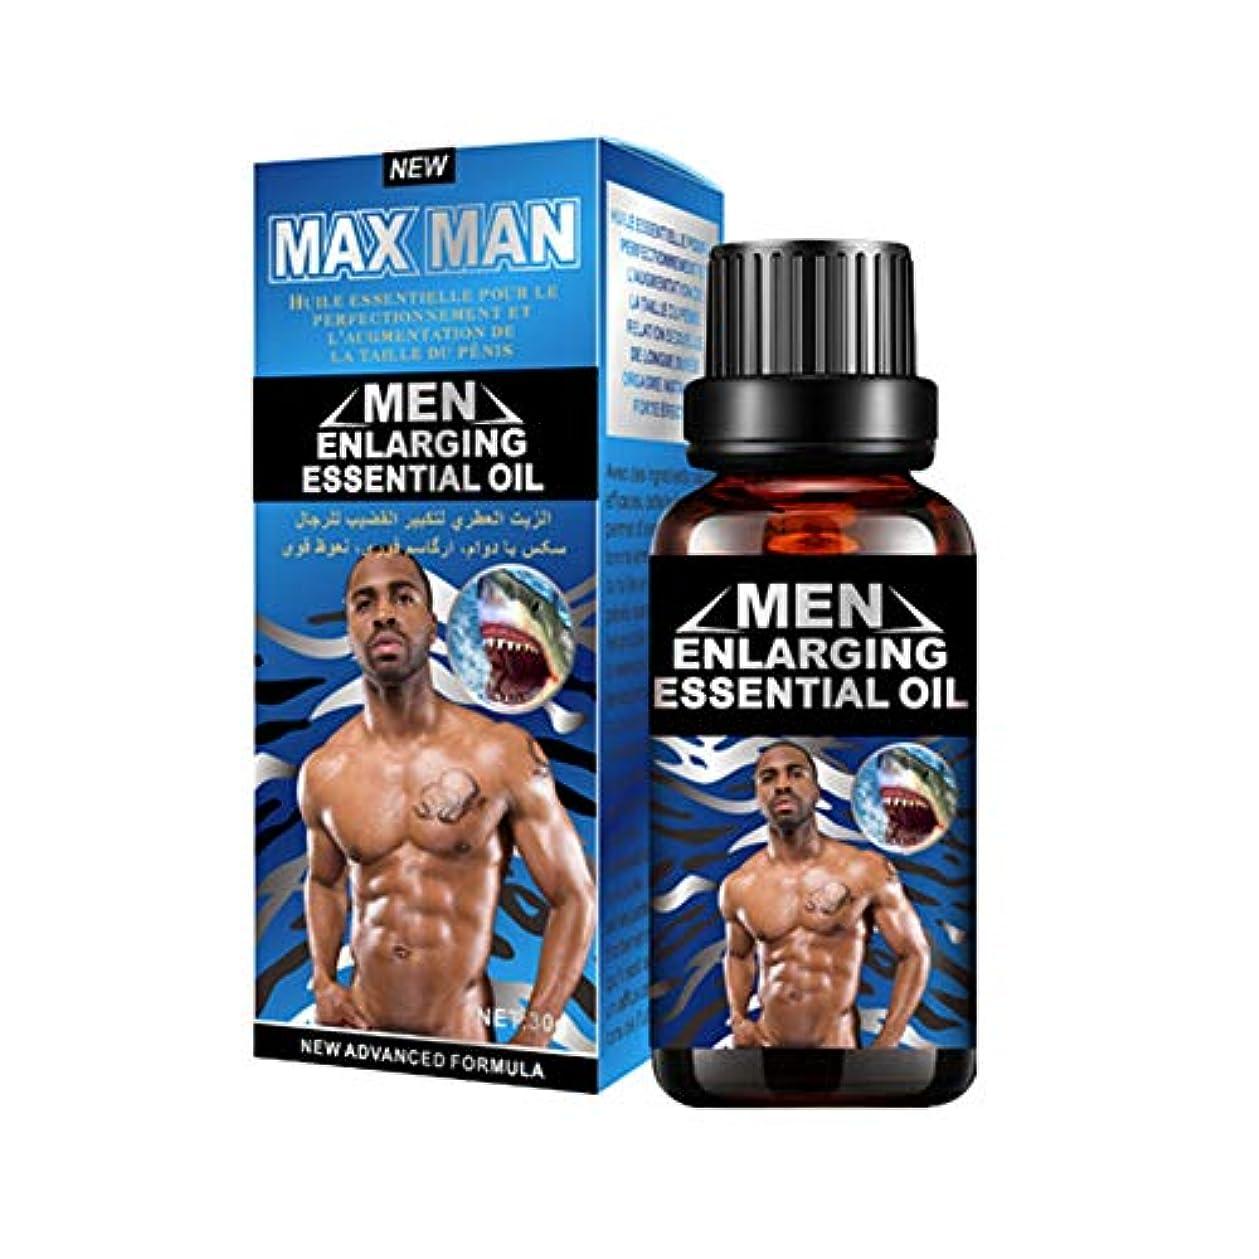 地中海結び目カメBalai 男のマッサージオイル ペニスの成長の拡大の性の永続的な陰茎の拡大オイル 性プロダクト